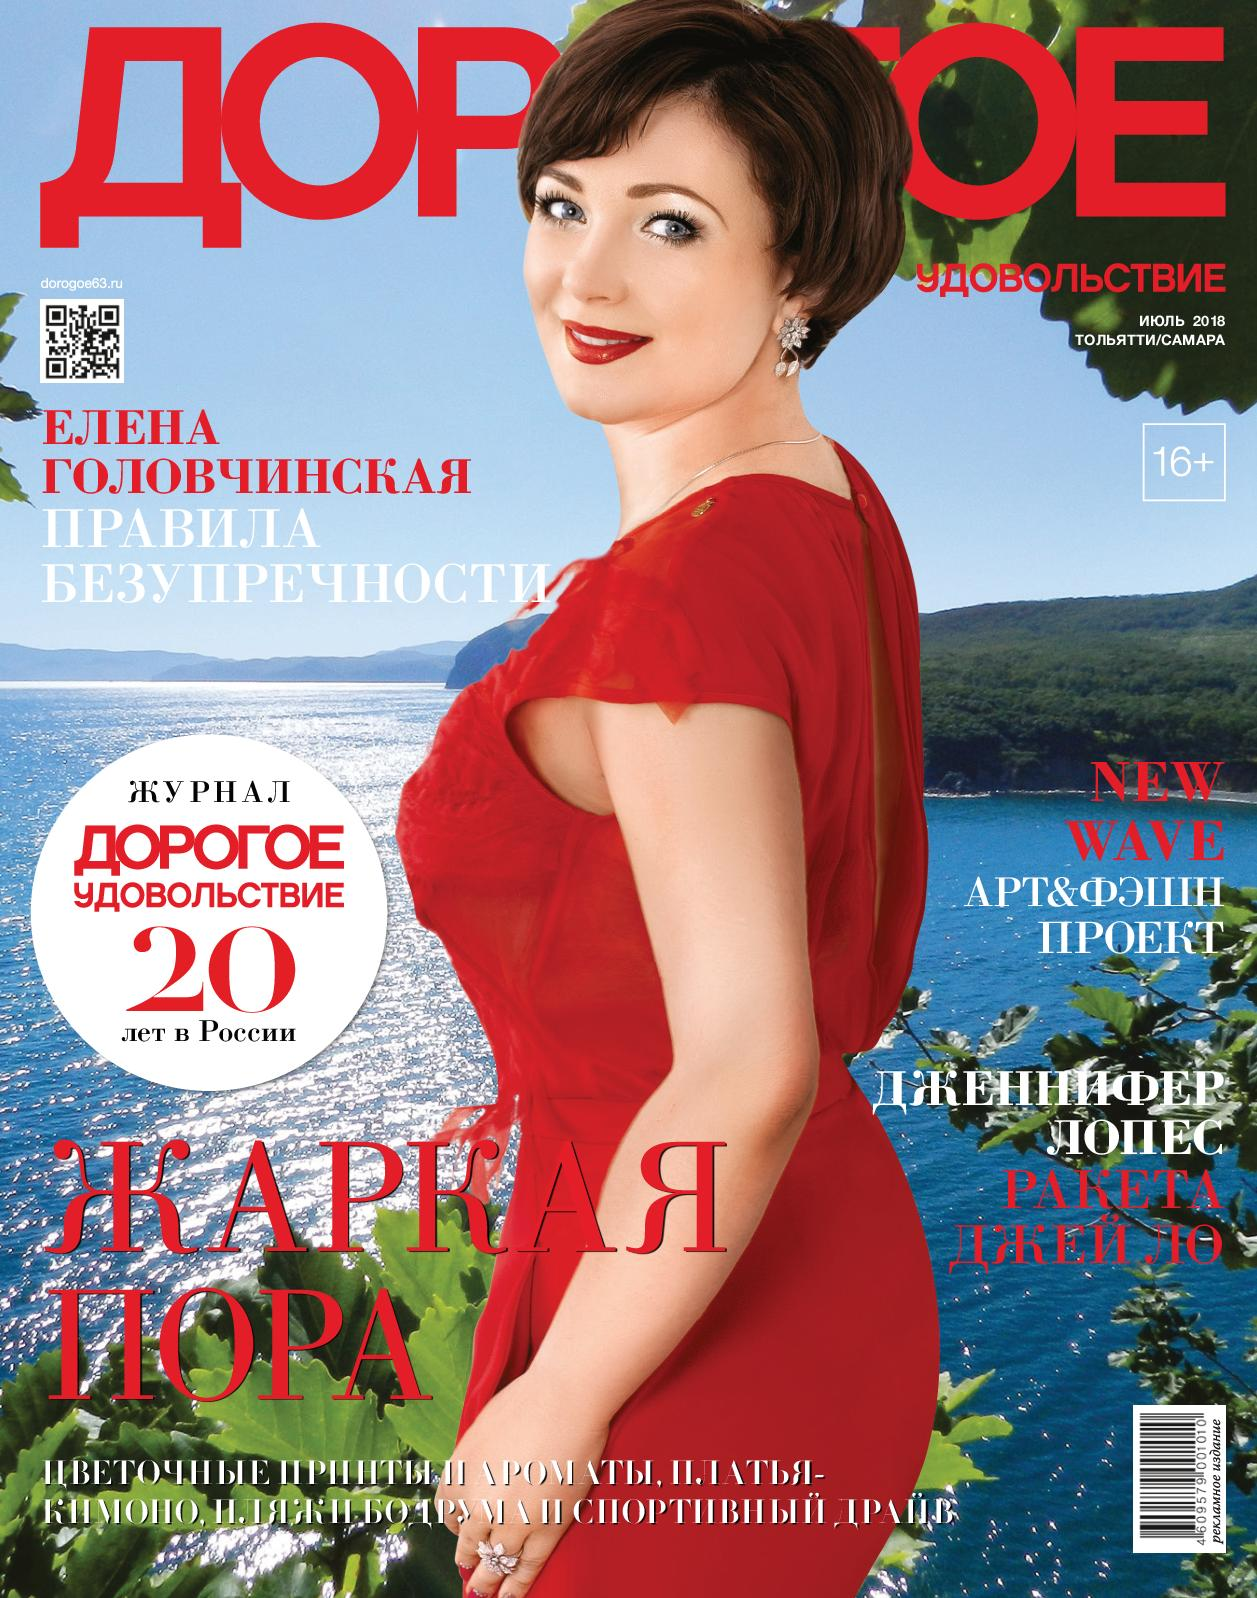 Журнал «Дорогое удовольствие – Тольятти/Самара» июль 2018